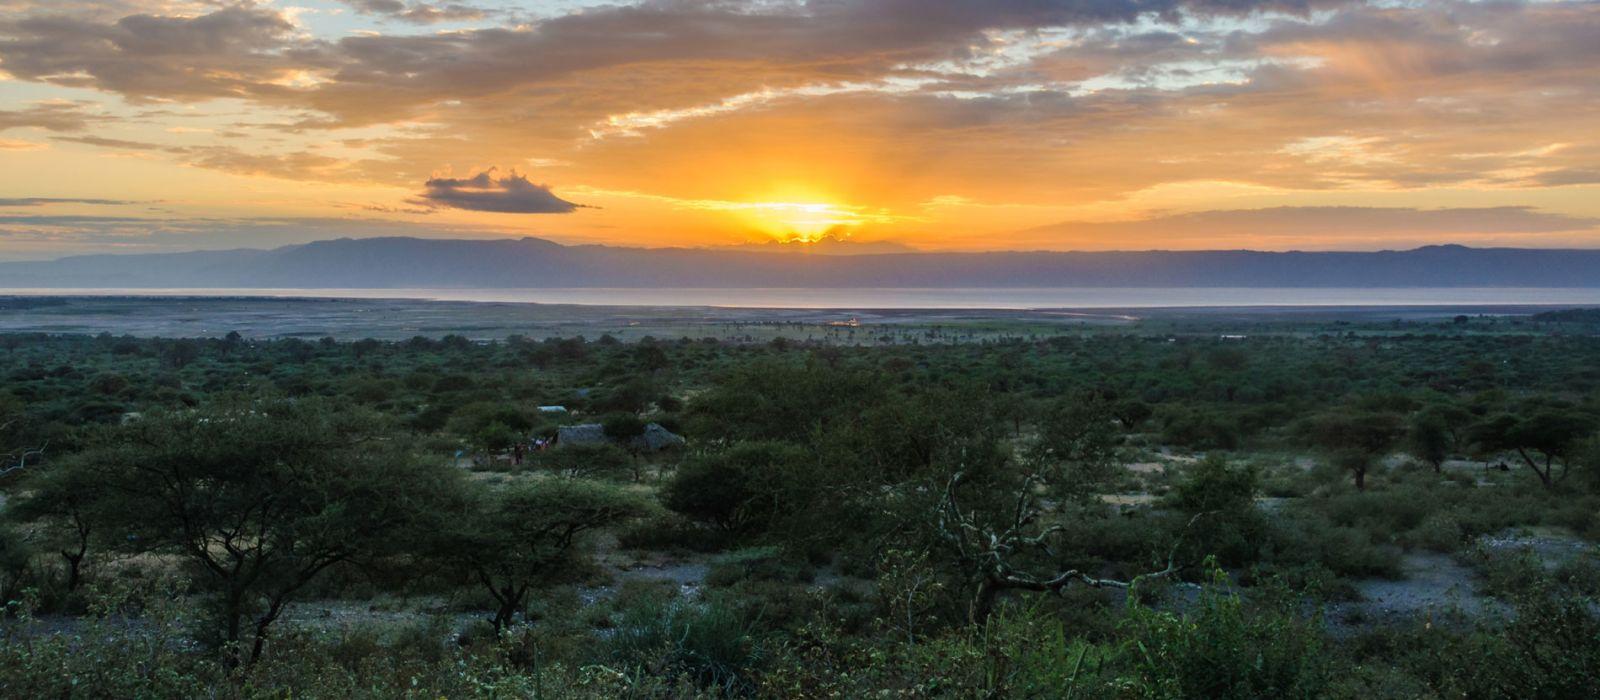 Reiseziel Lake Eyasi Tansania